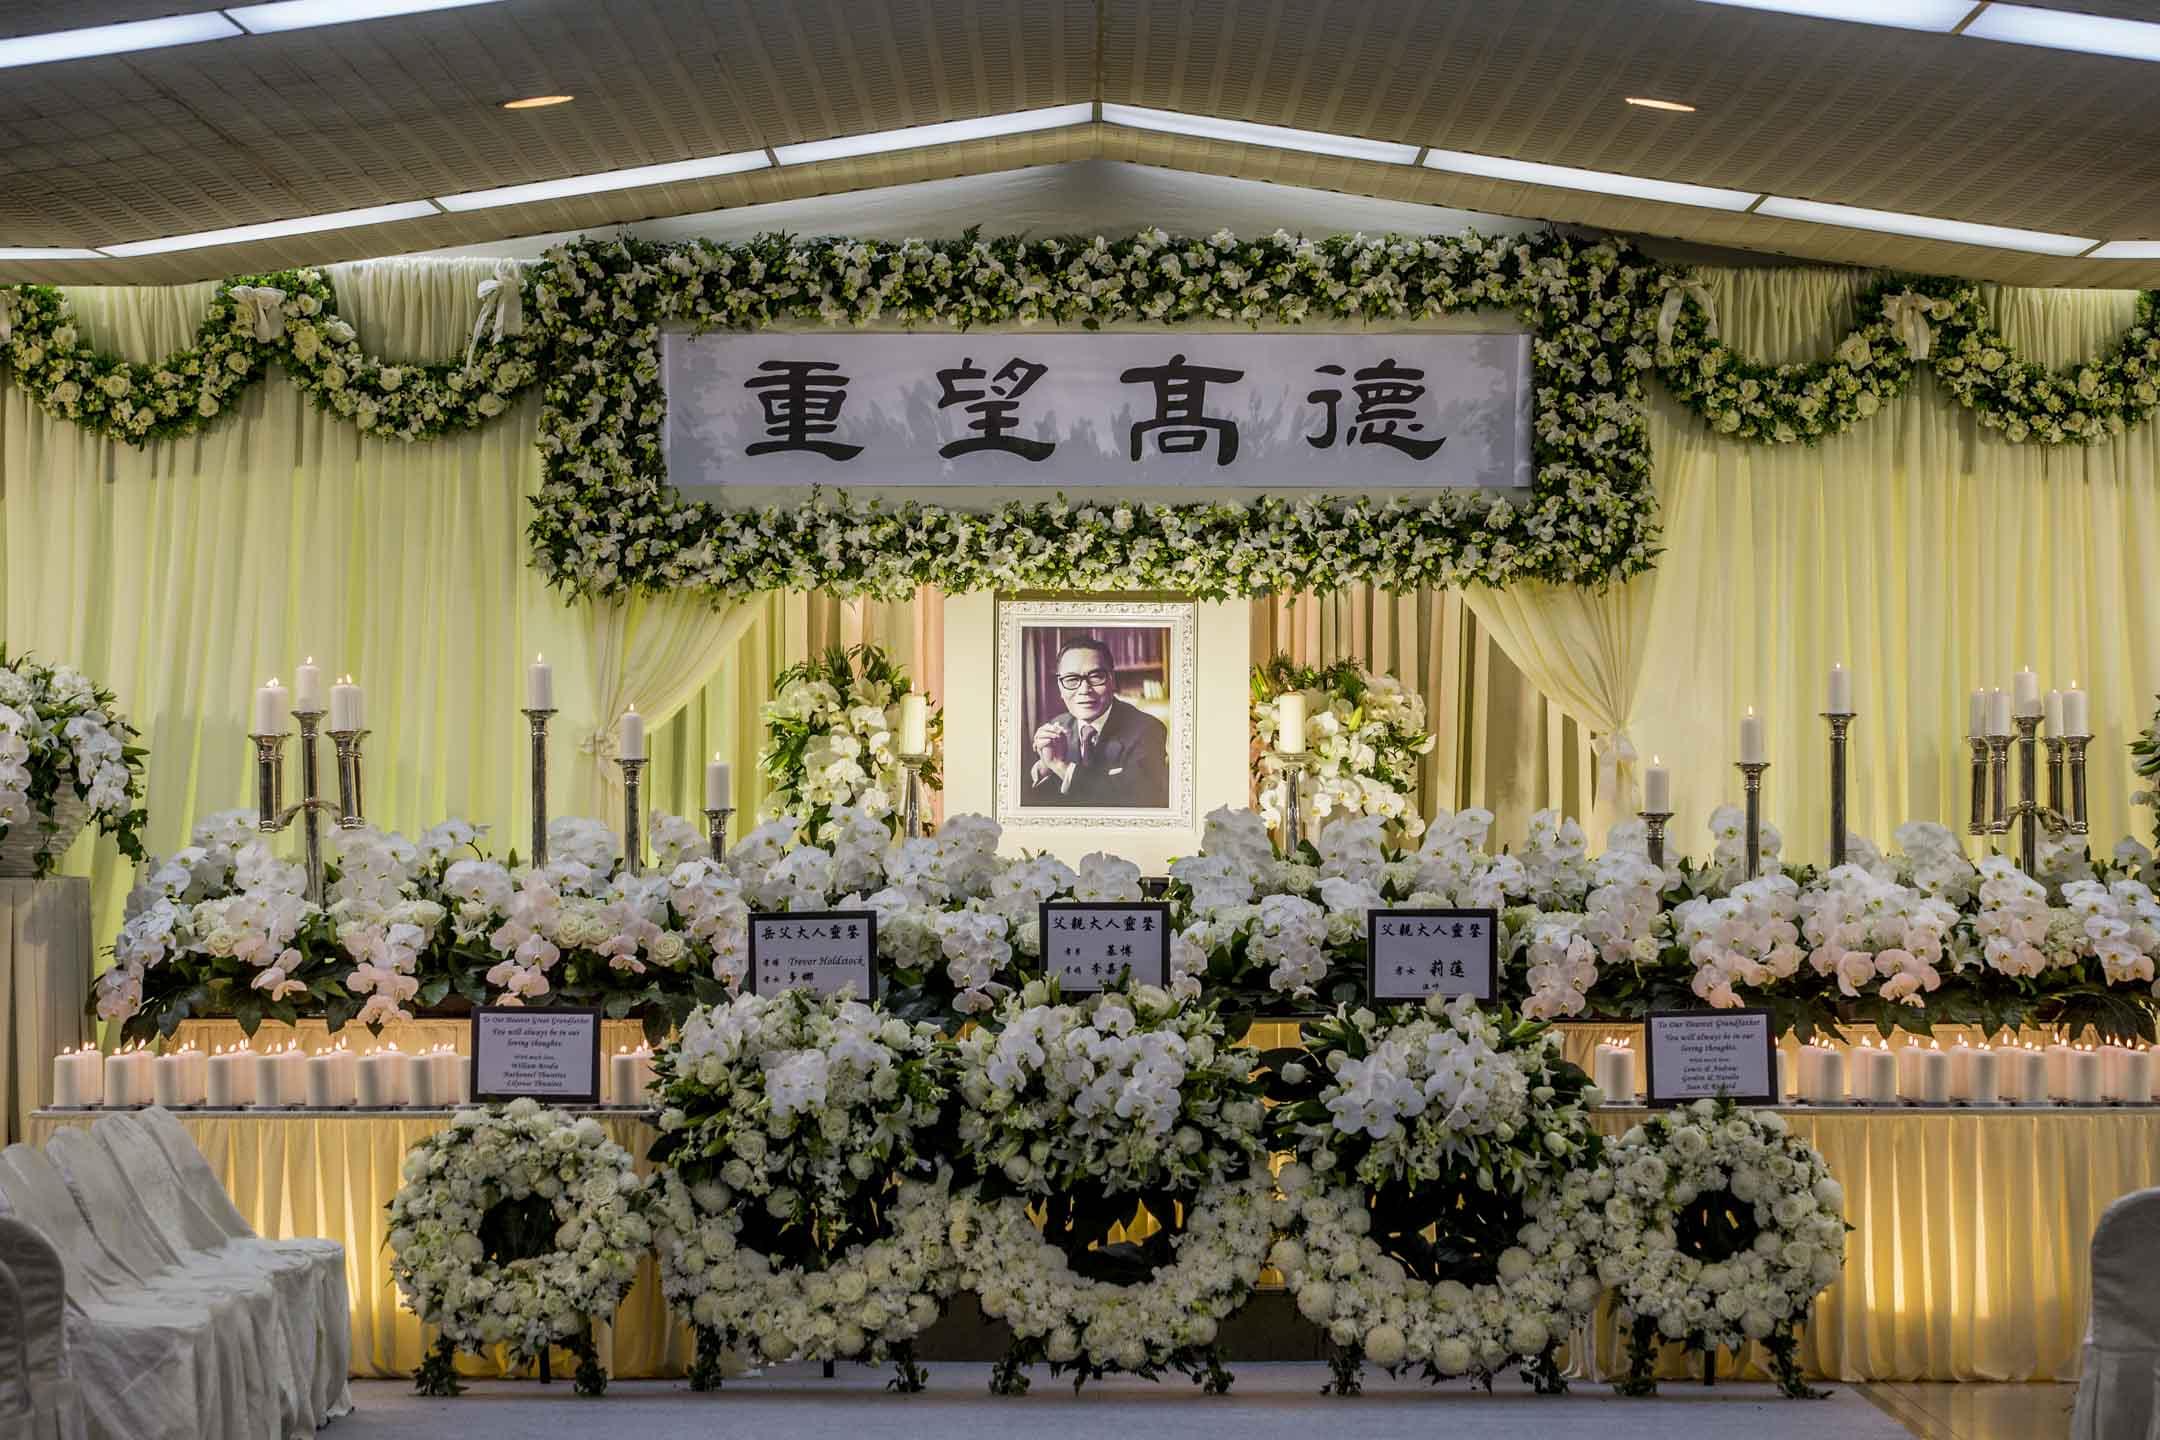 首任行政會議召集人鍾士元於11月14日逝世,享年101歲,2018年11月22日在香港殯儀館設靈。靈堂佈置簡約,橫匾寫上「德高望重」四字。 攝:林振東/端傳媒